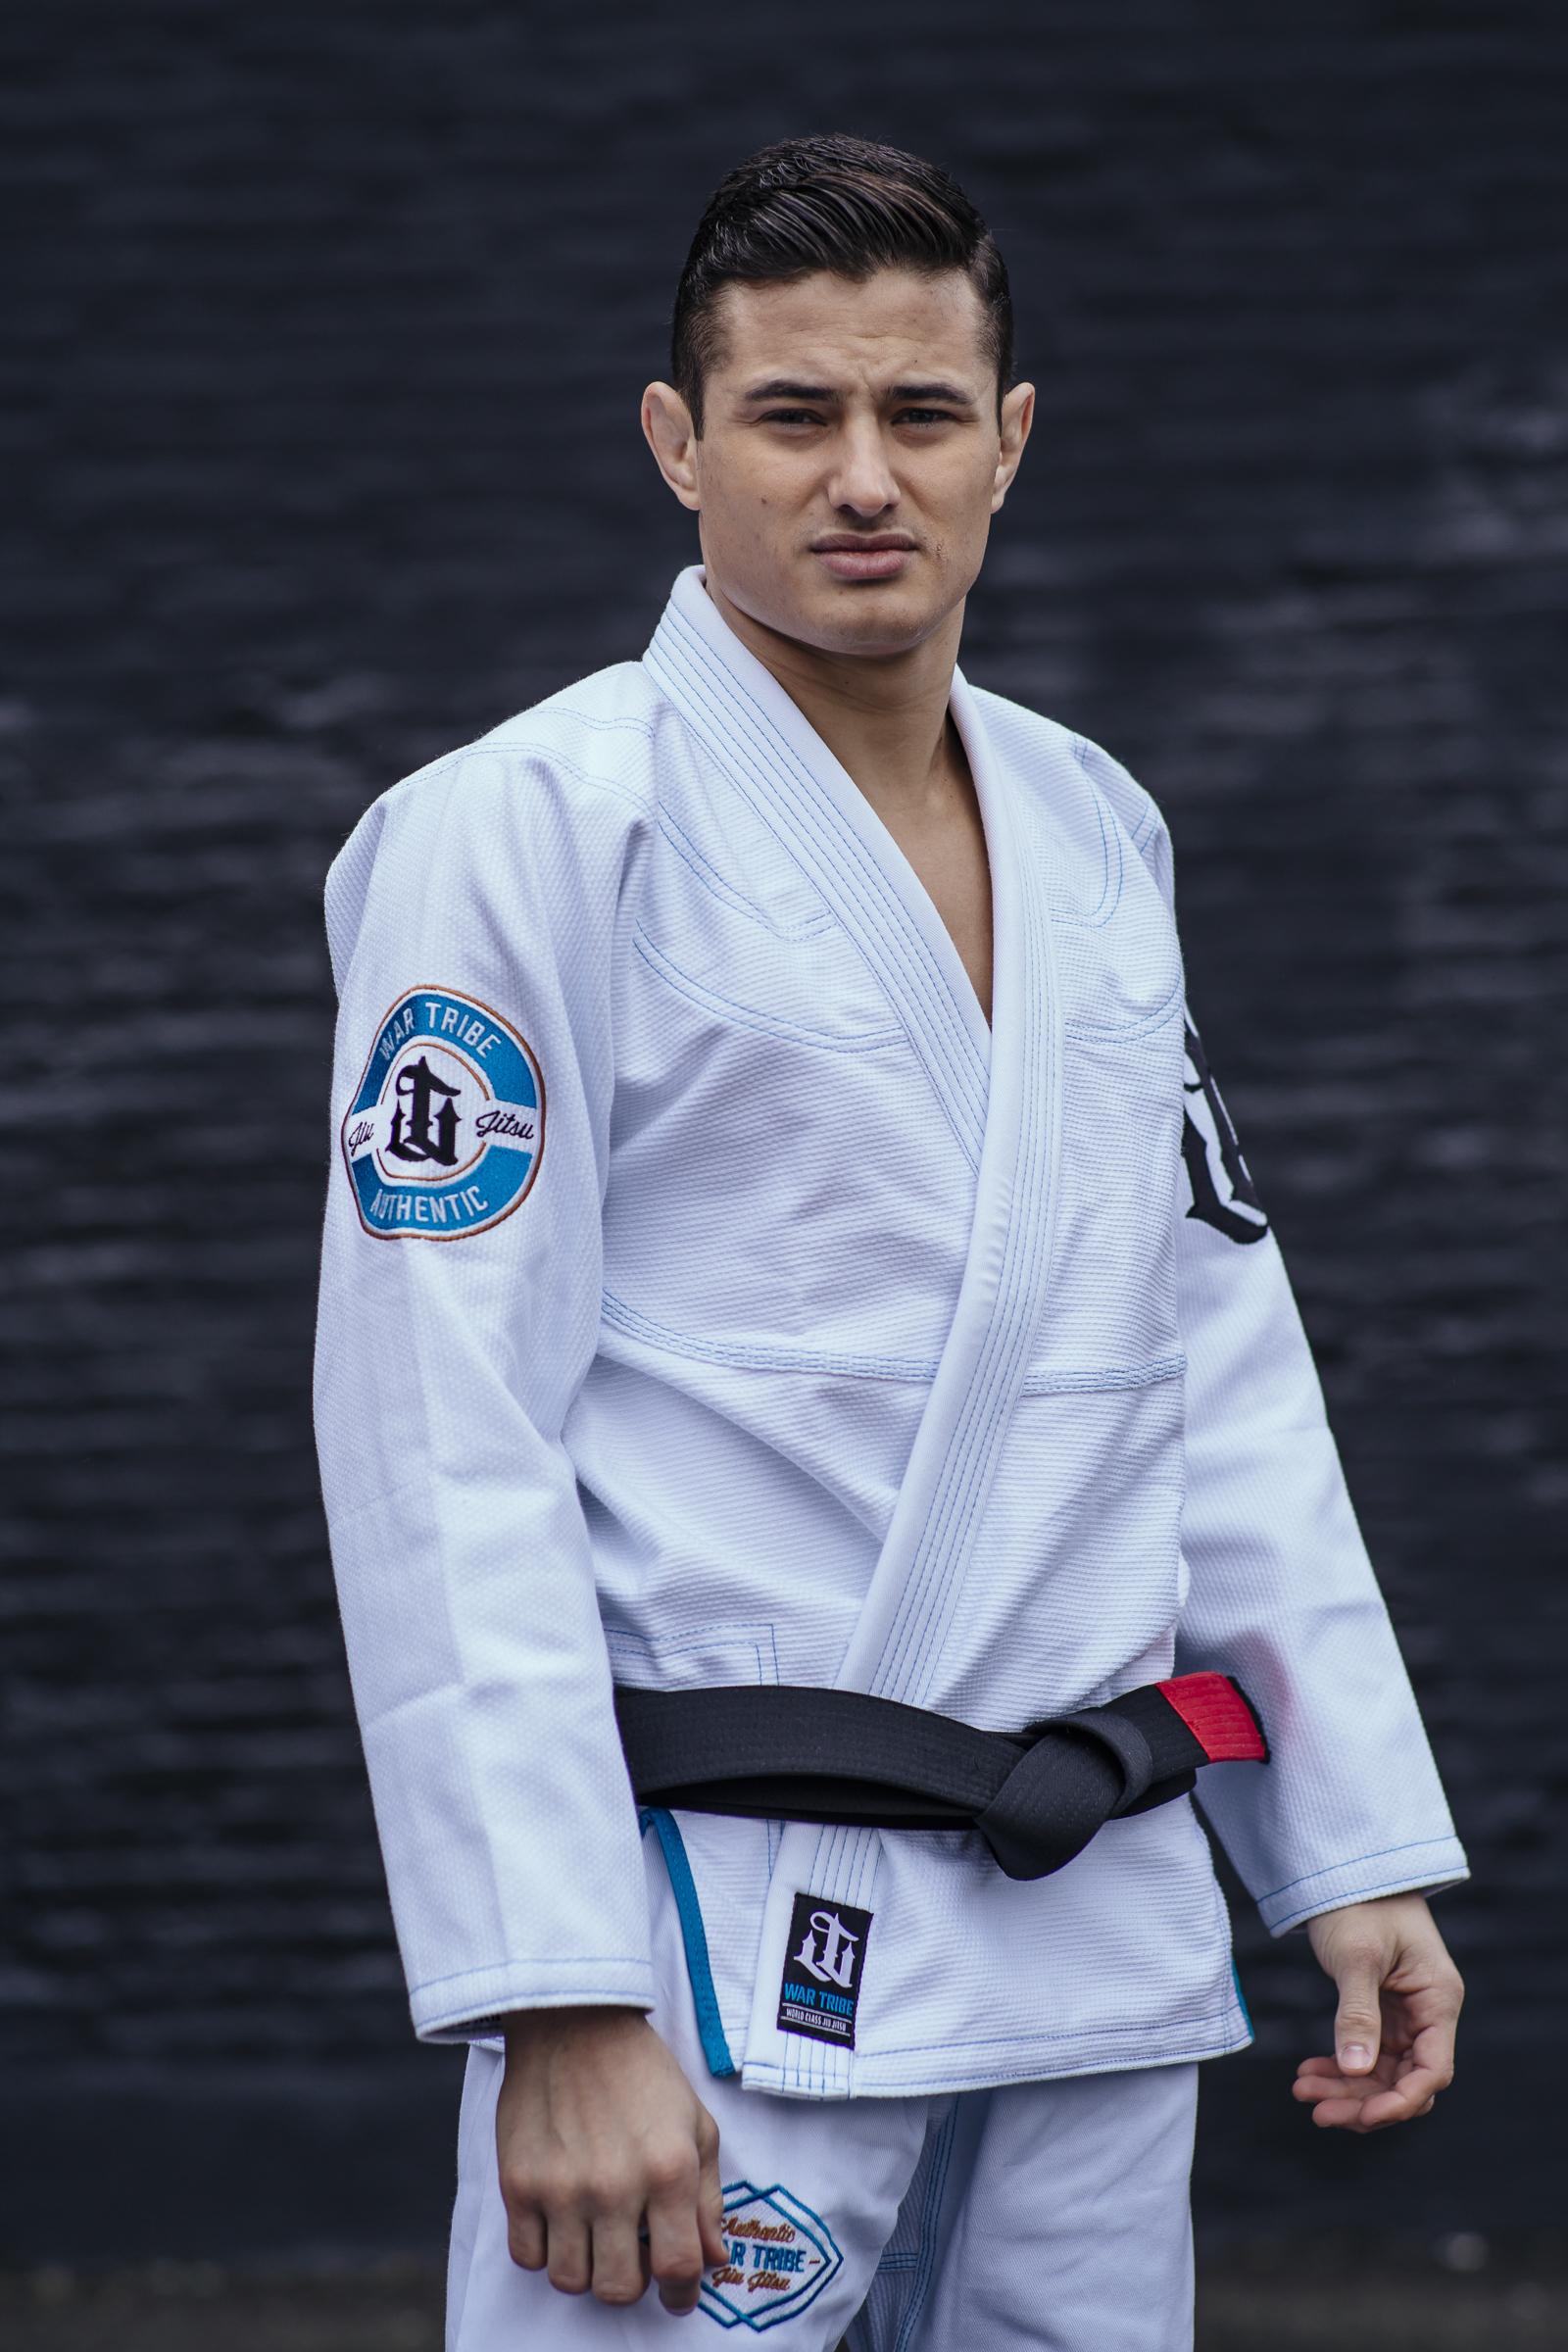 WAR TRIBE GEAR LEGACY 柔術衣 ホワイト|ブラジリアン柔術衣(柔術着)